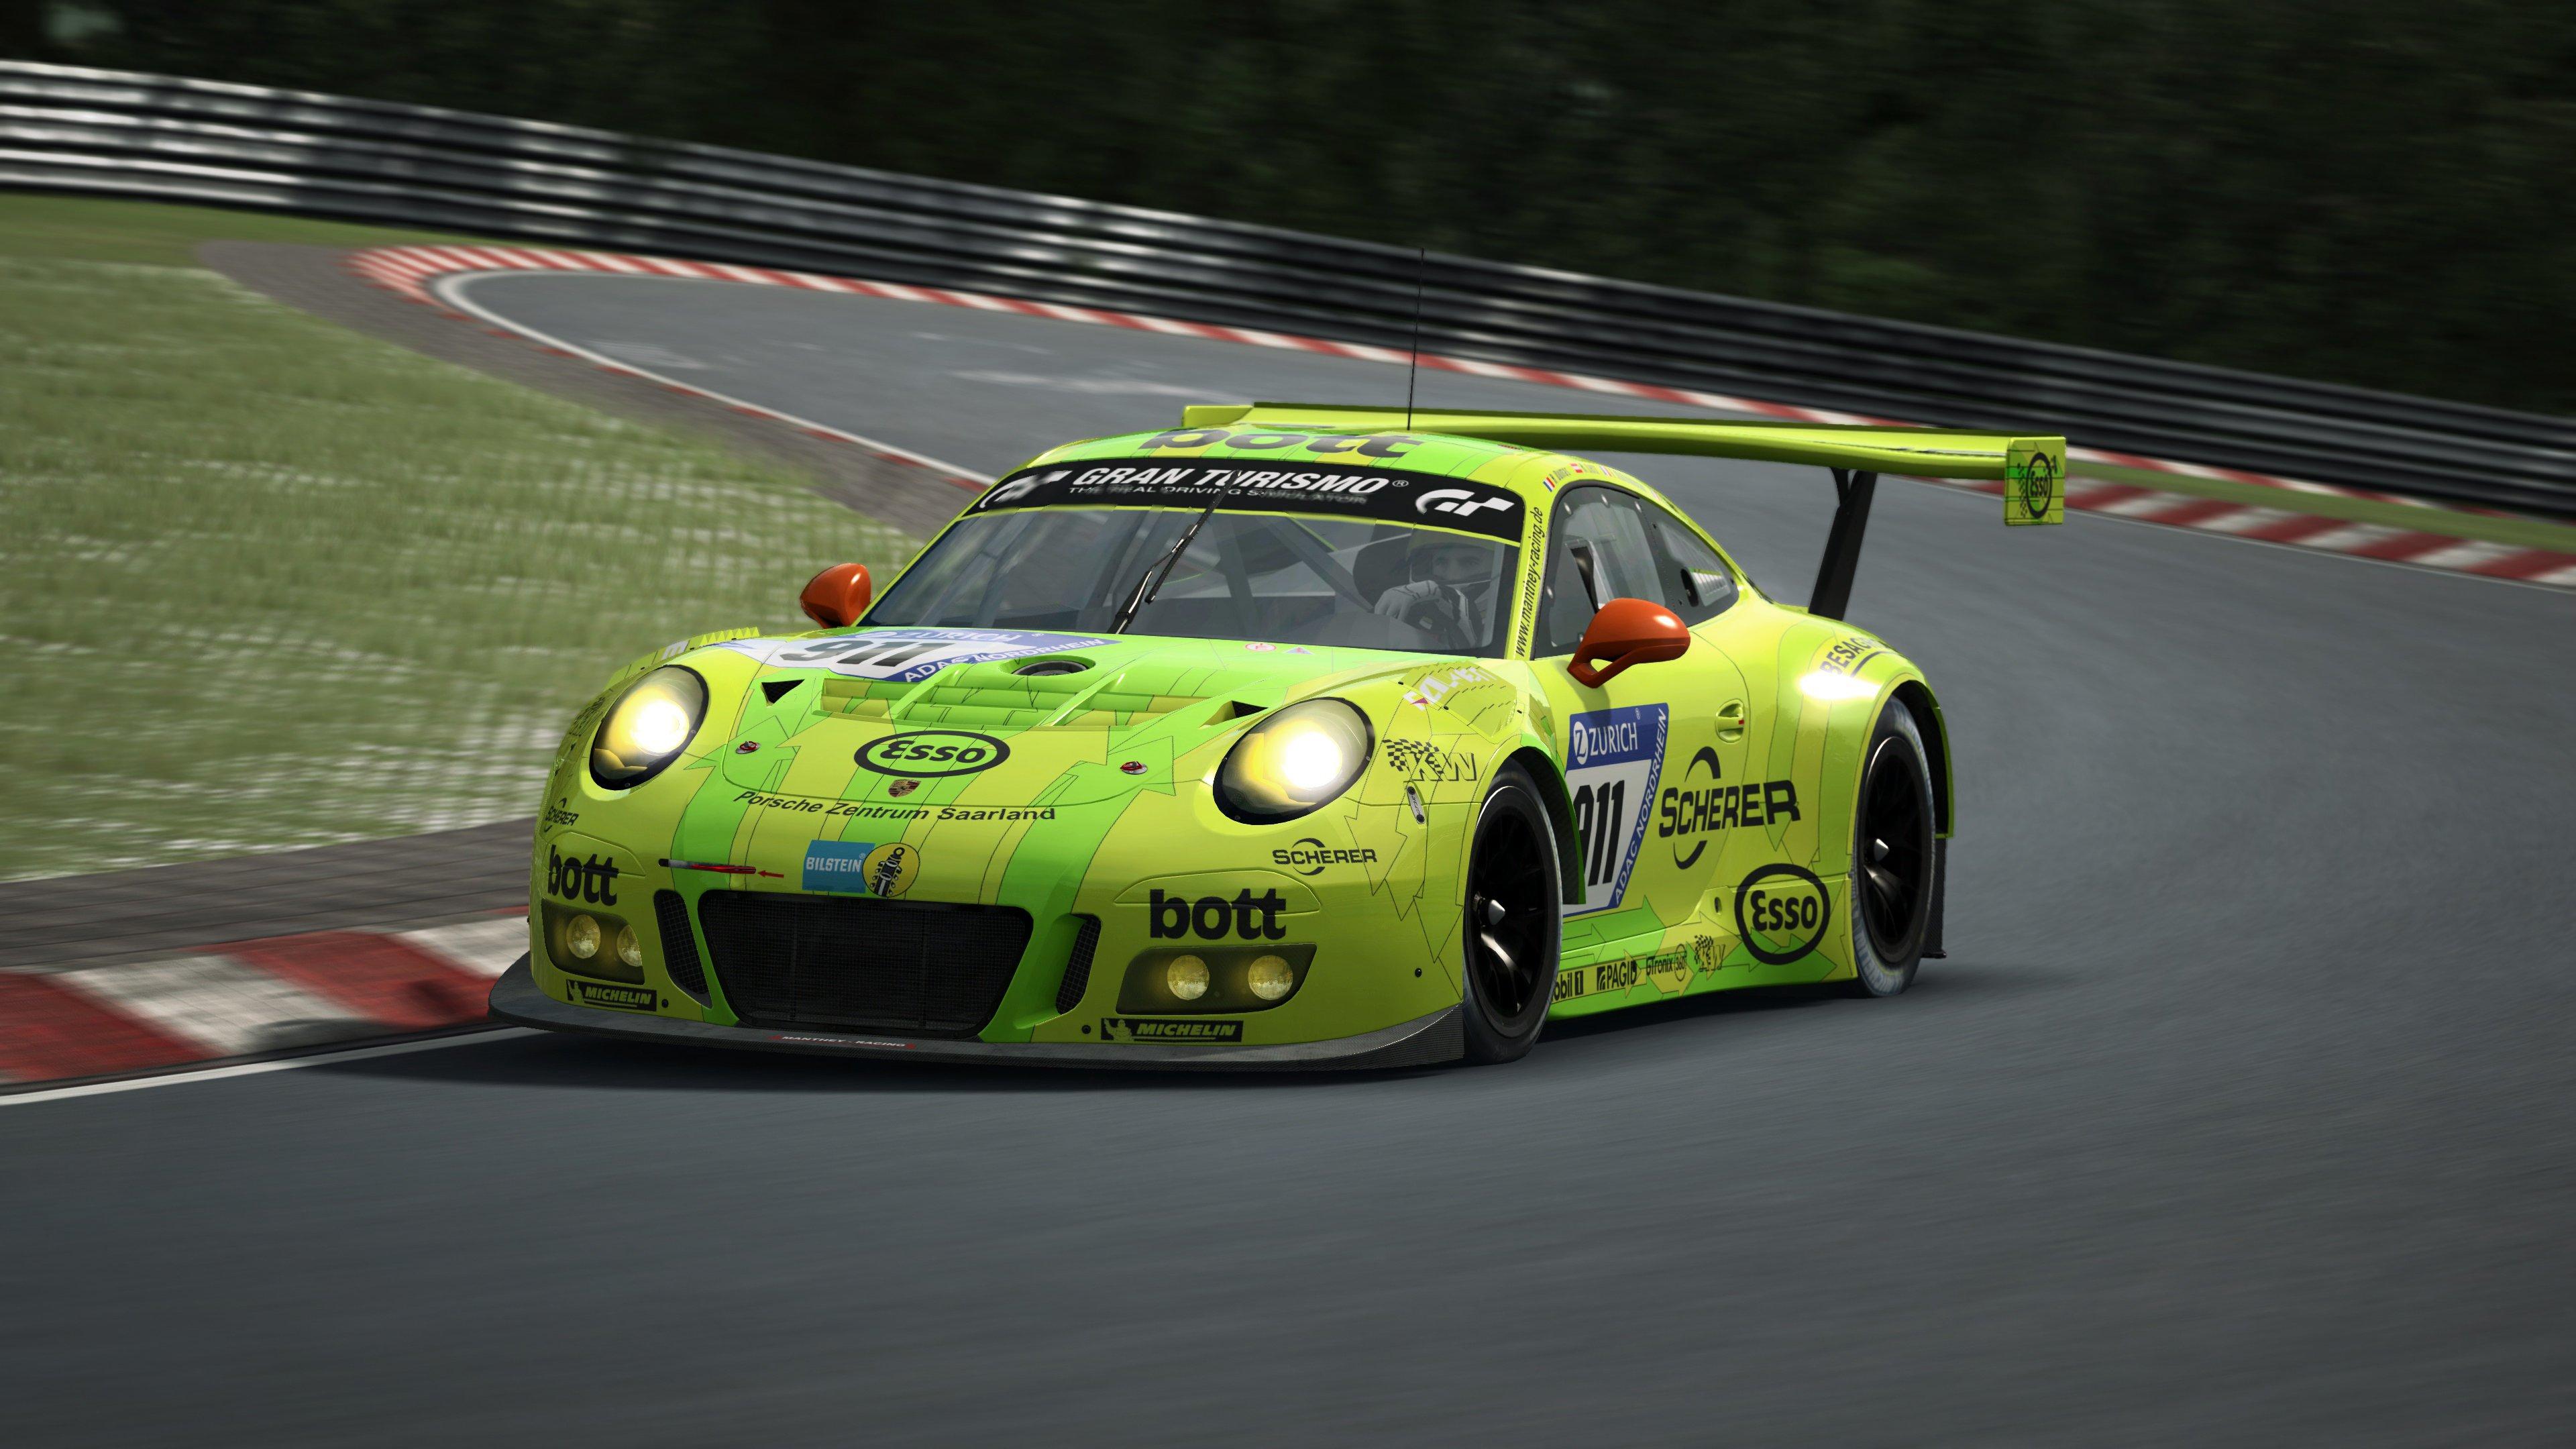 RaceRoom Porsche 911 GT3 R 13